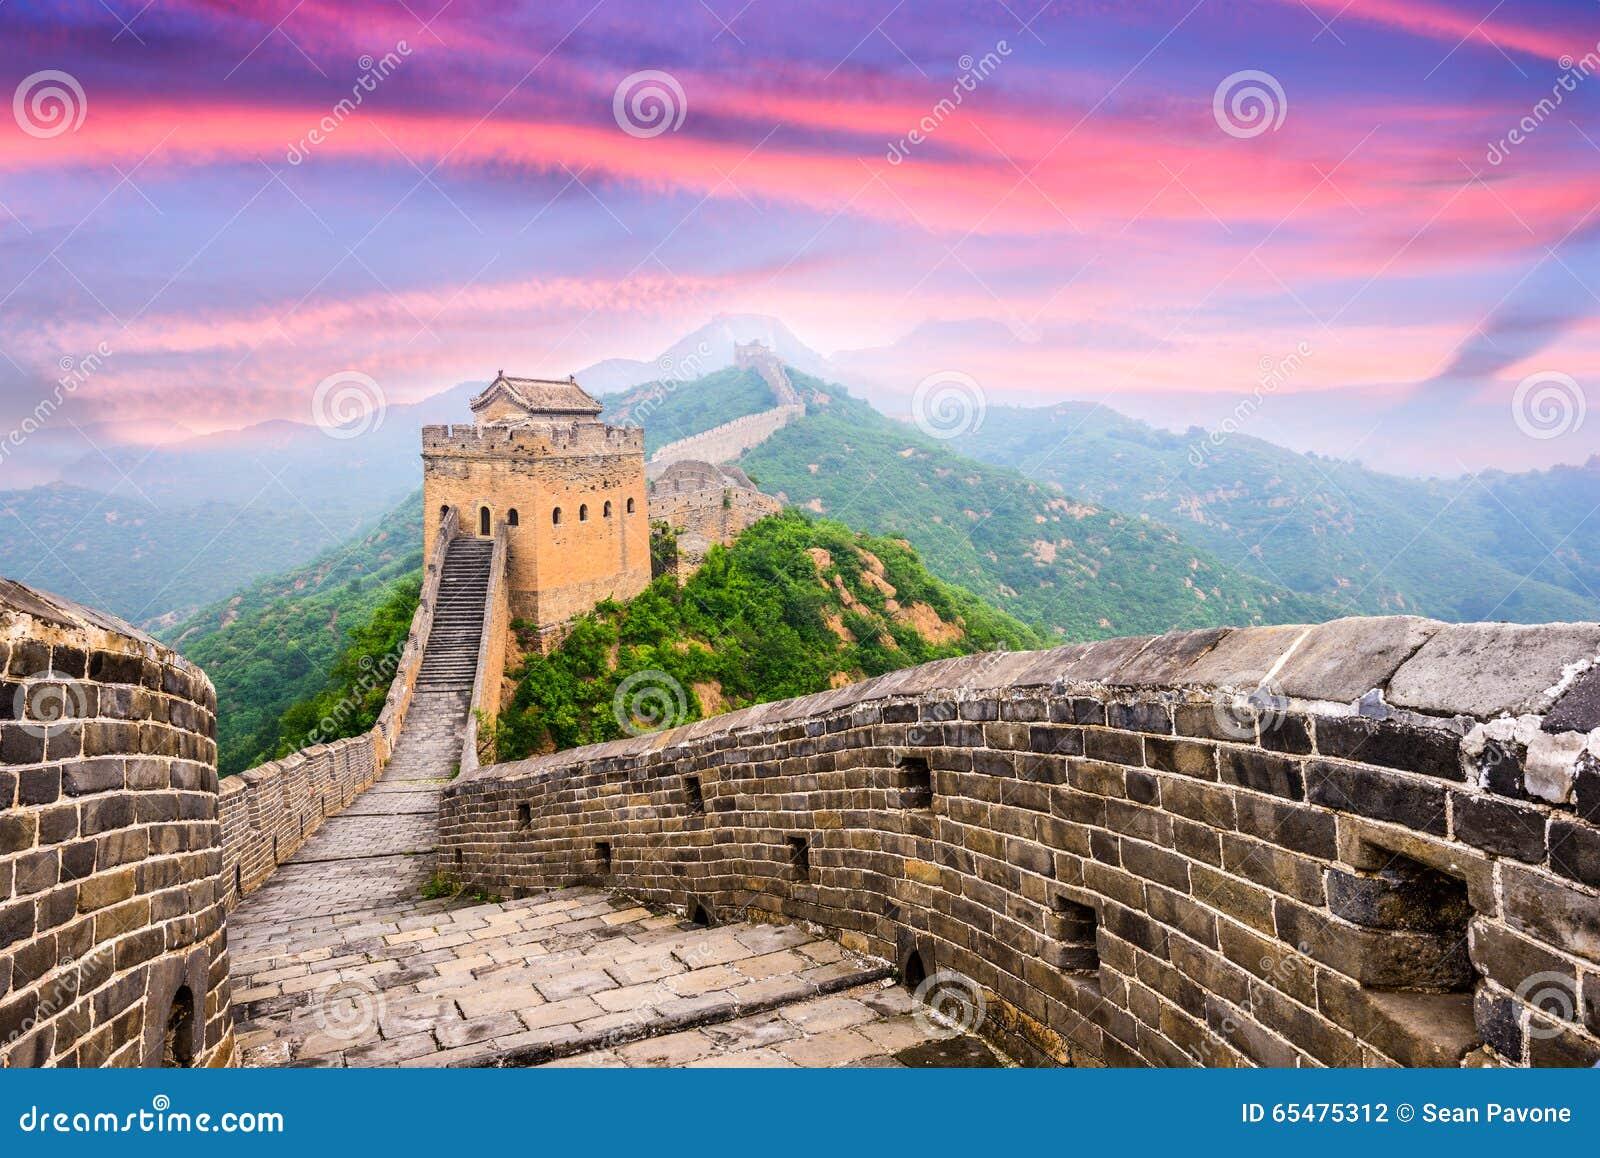 Σινικό Τείχος της Κίνας